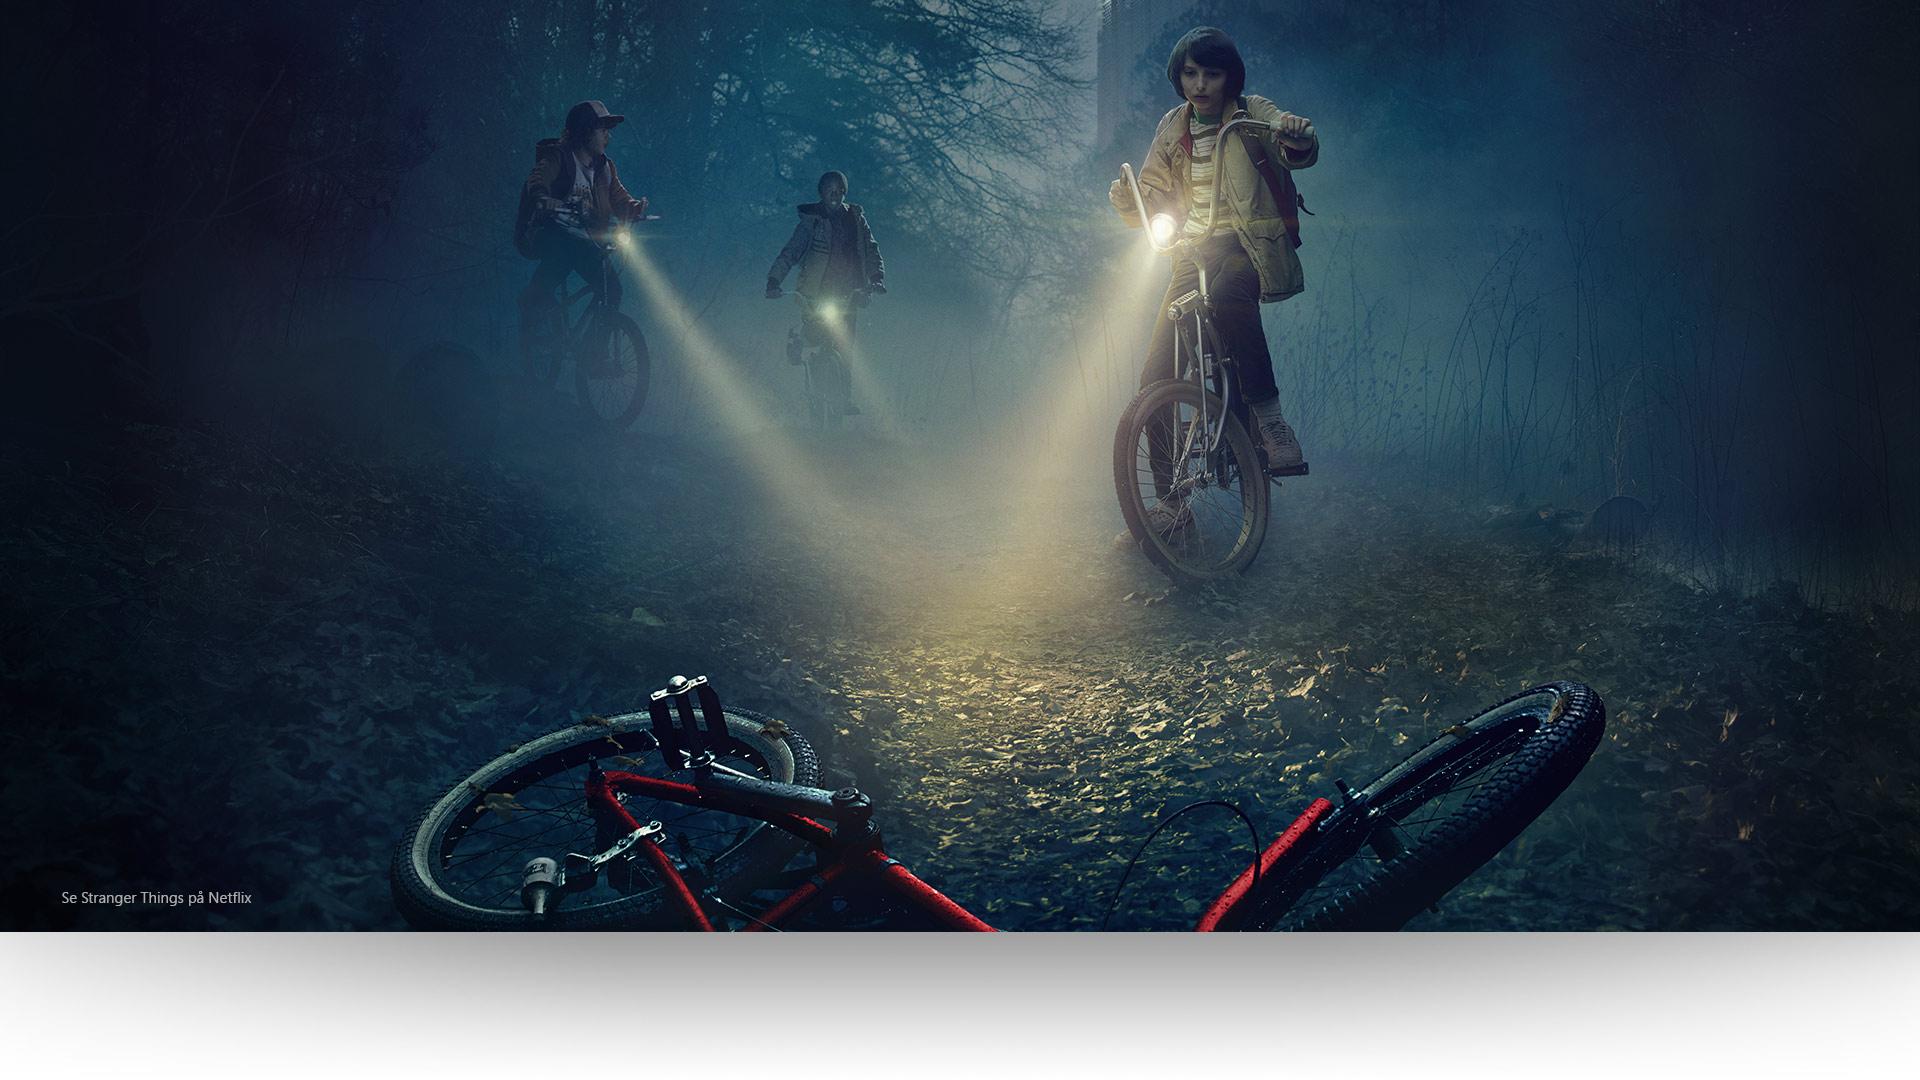 Stranger Things-børn opdager en cykel i skoven